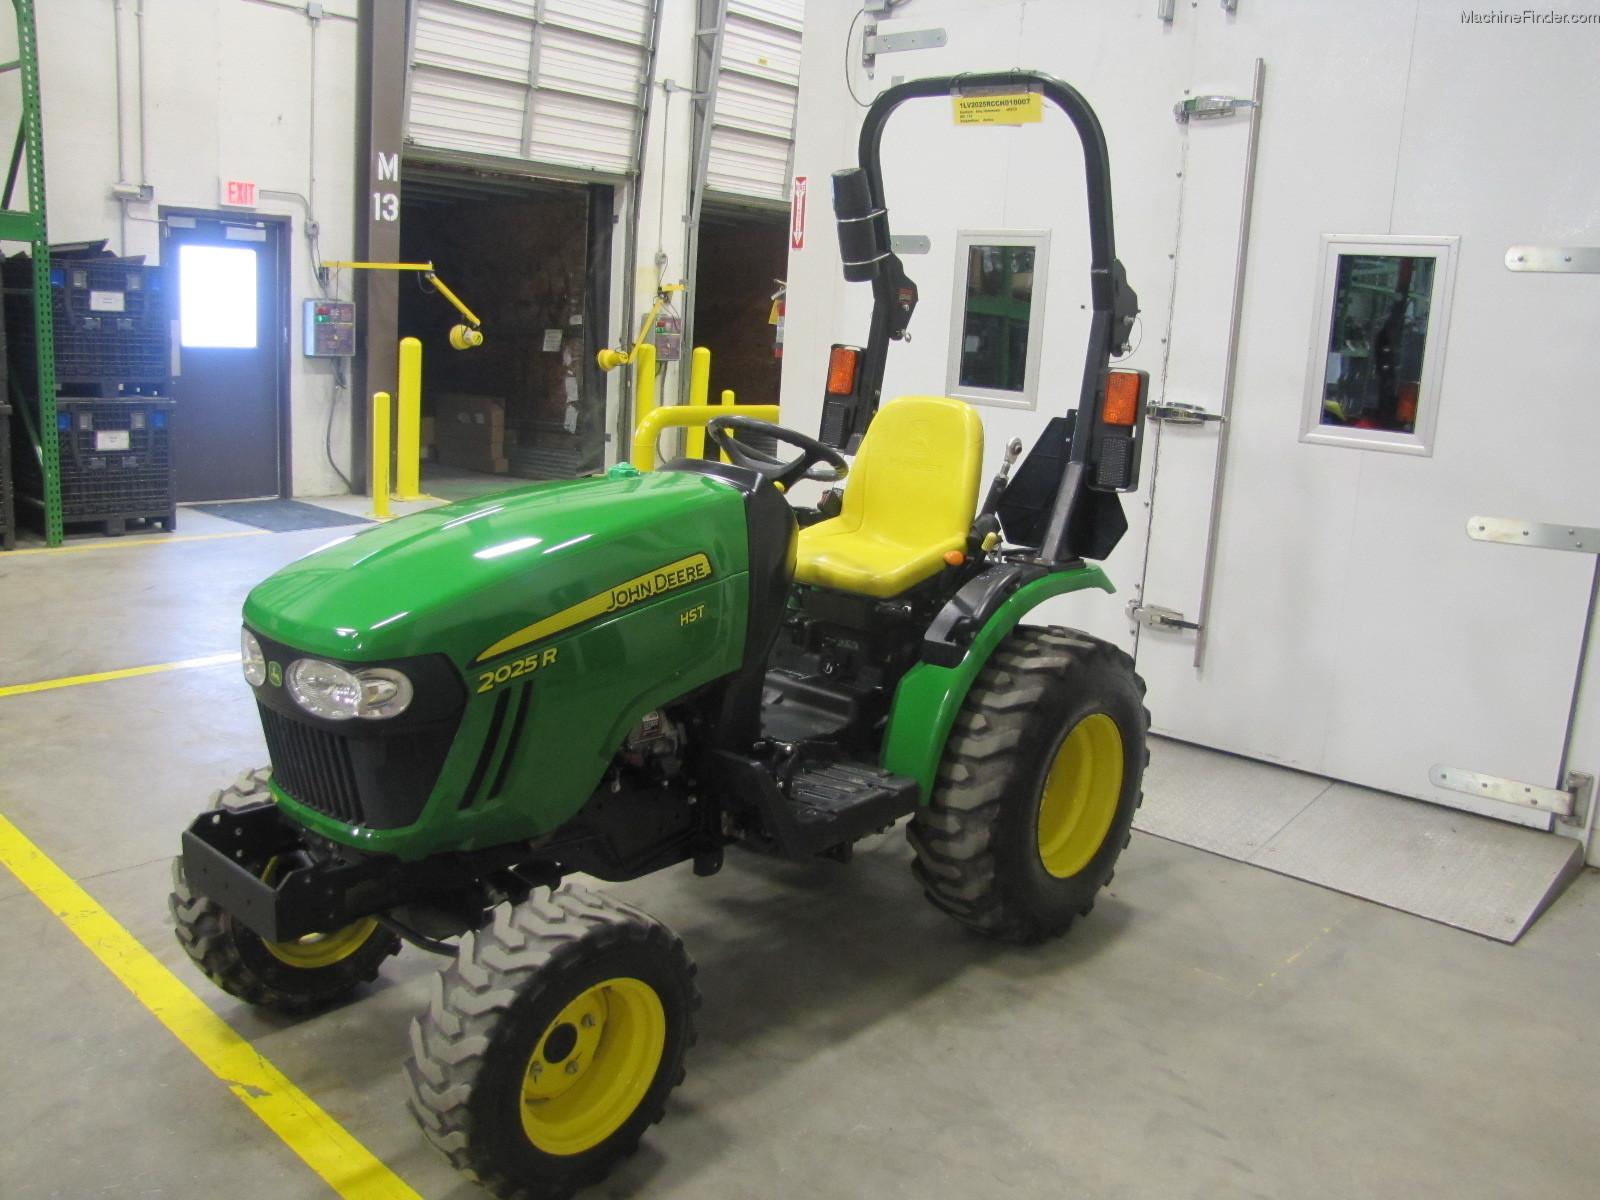 John Deere 2025R with H130 Tractors Compact (1 40hp.) John Deere  #ACA51F